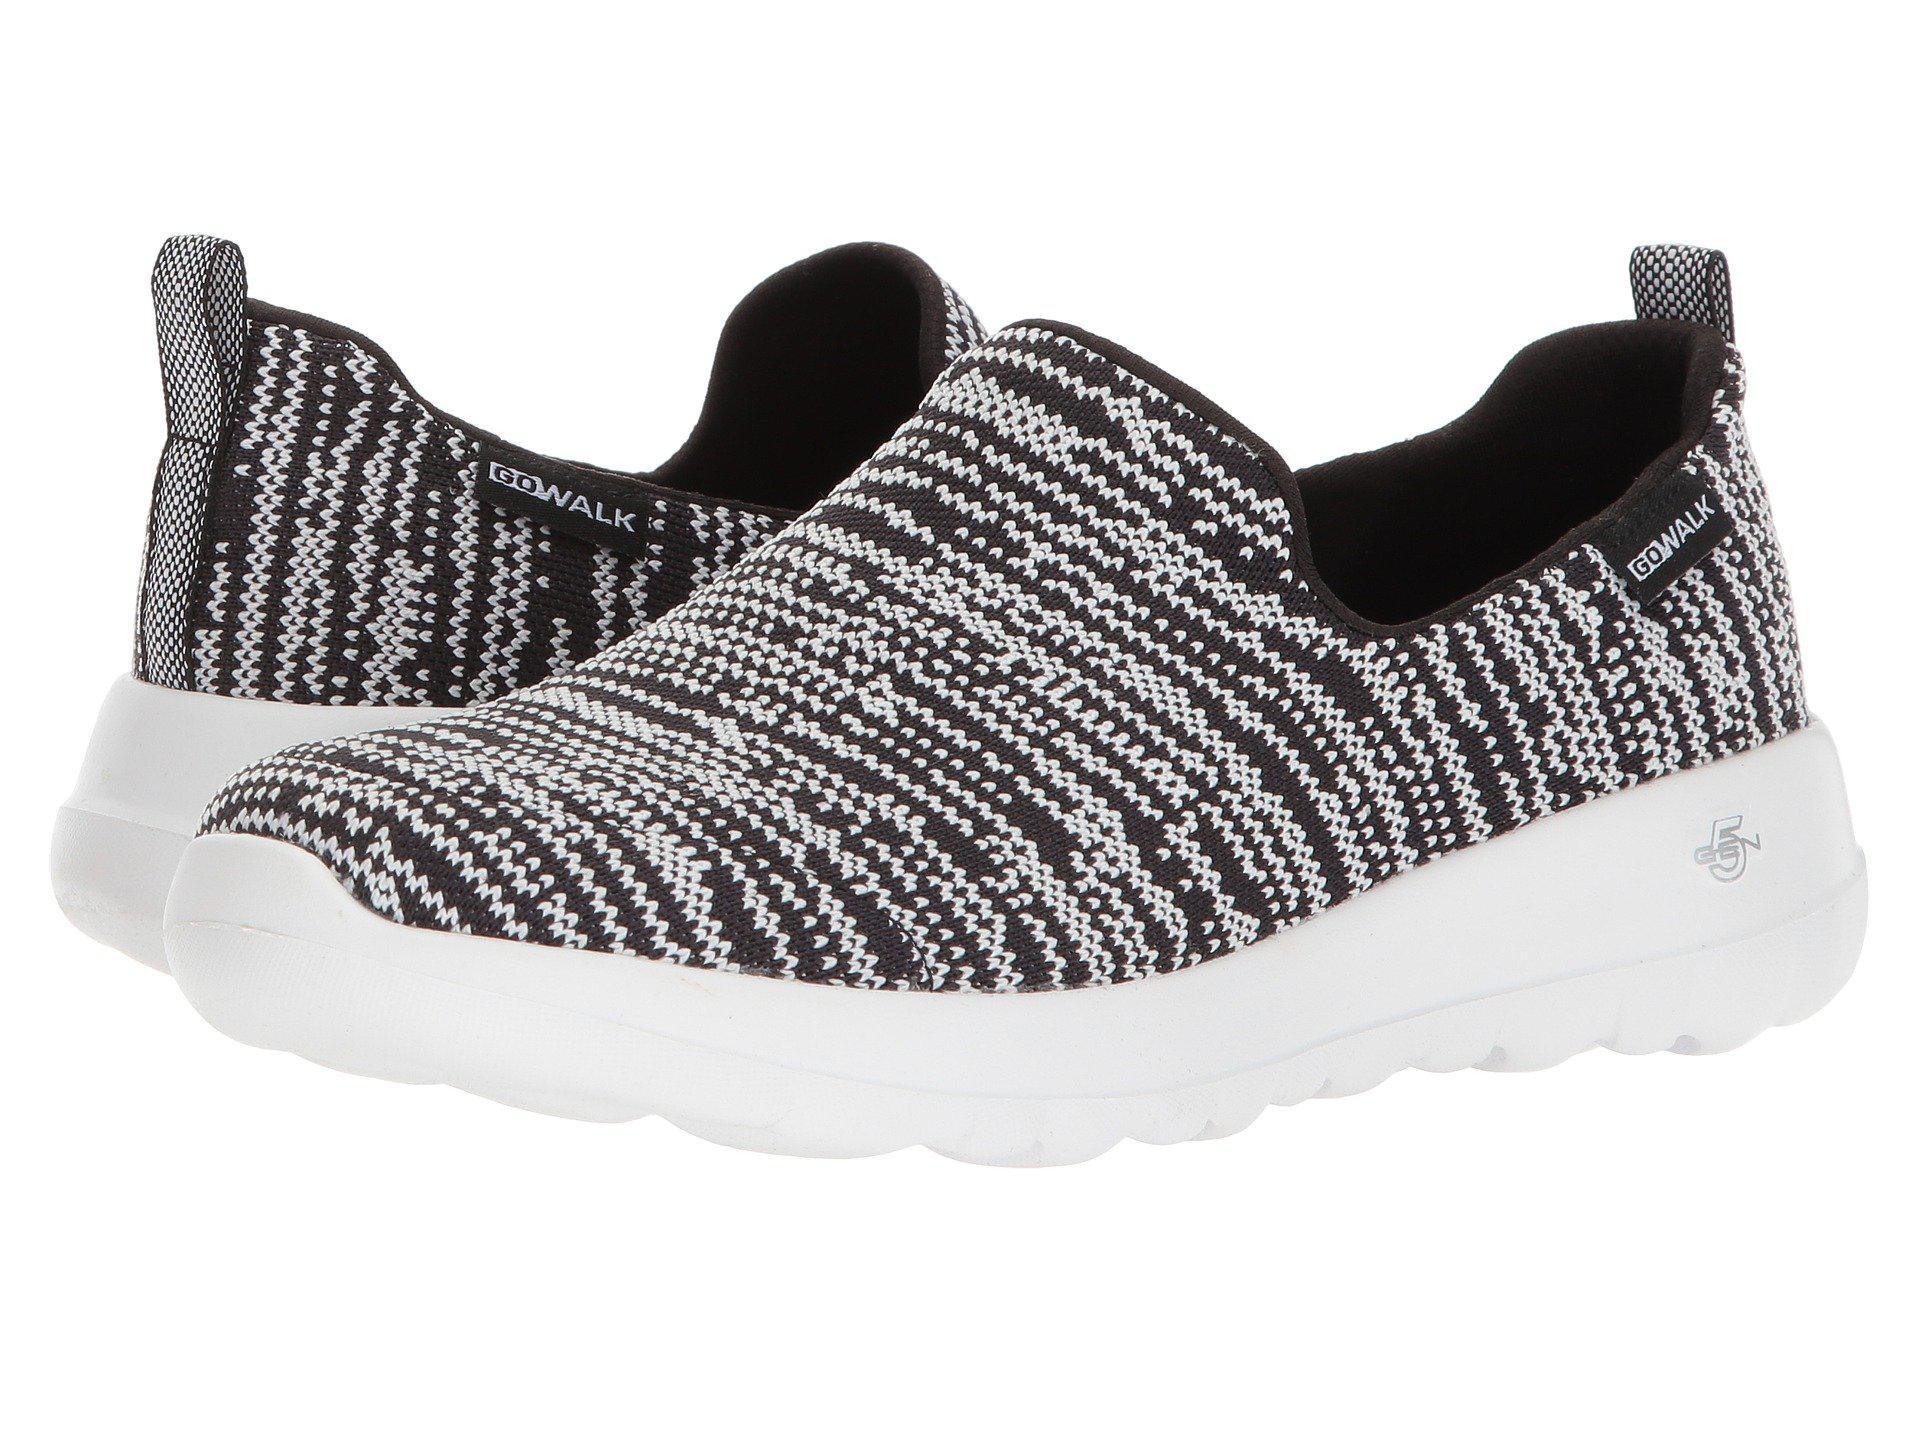 81e334e36399 Lyst - Skechers Go Walk Joy - 15602 (black gray) Women s Shoes in Black